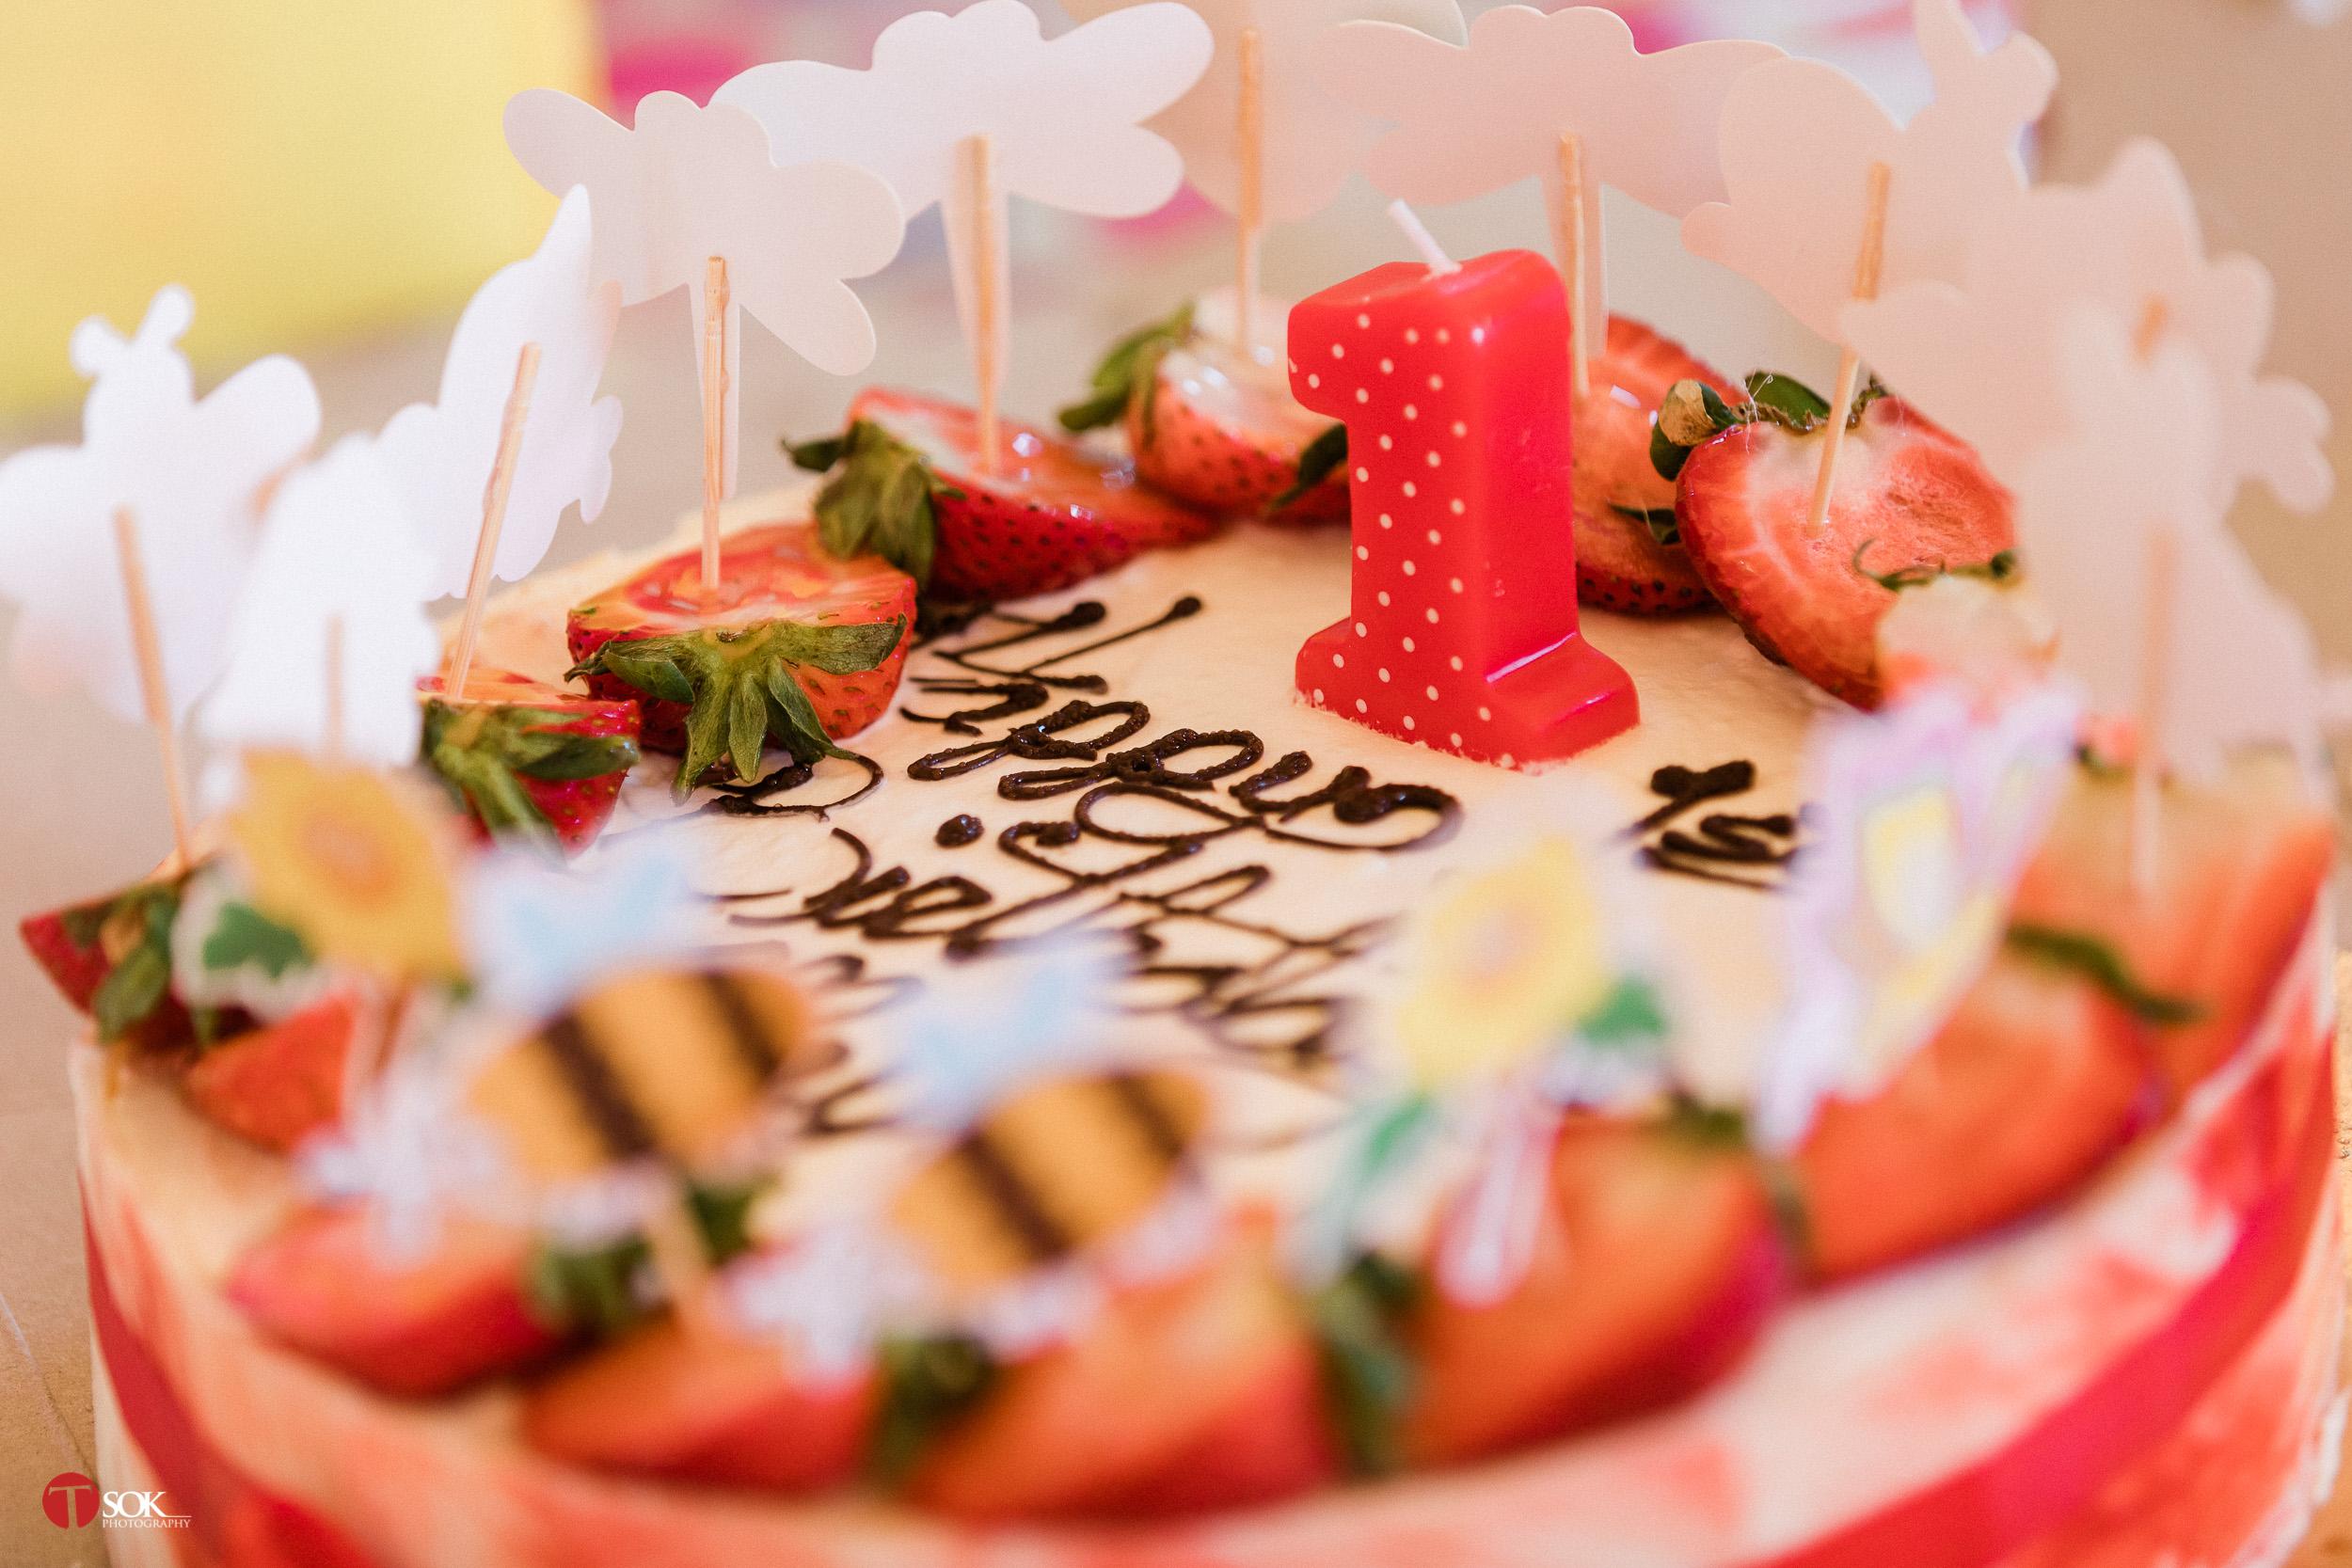 20190512_0062_mayna_1st_birthday_photoshoot.jpg